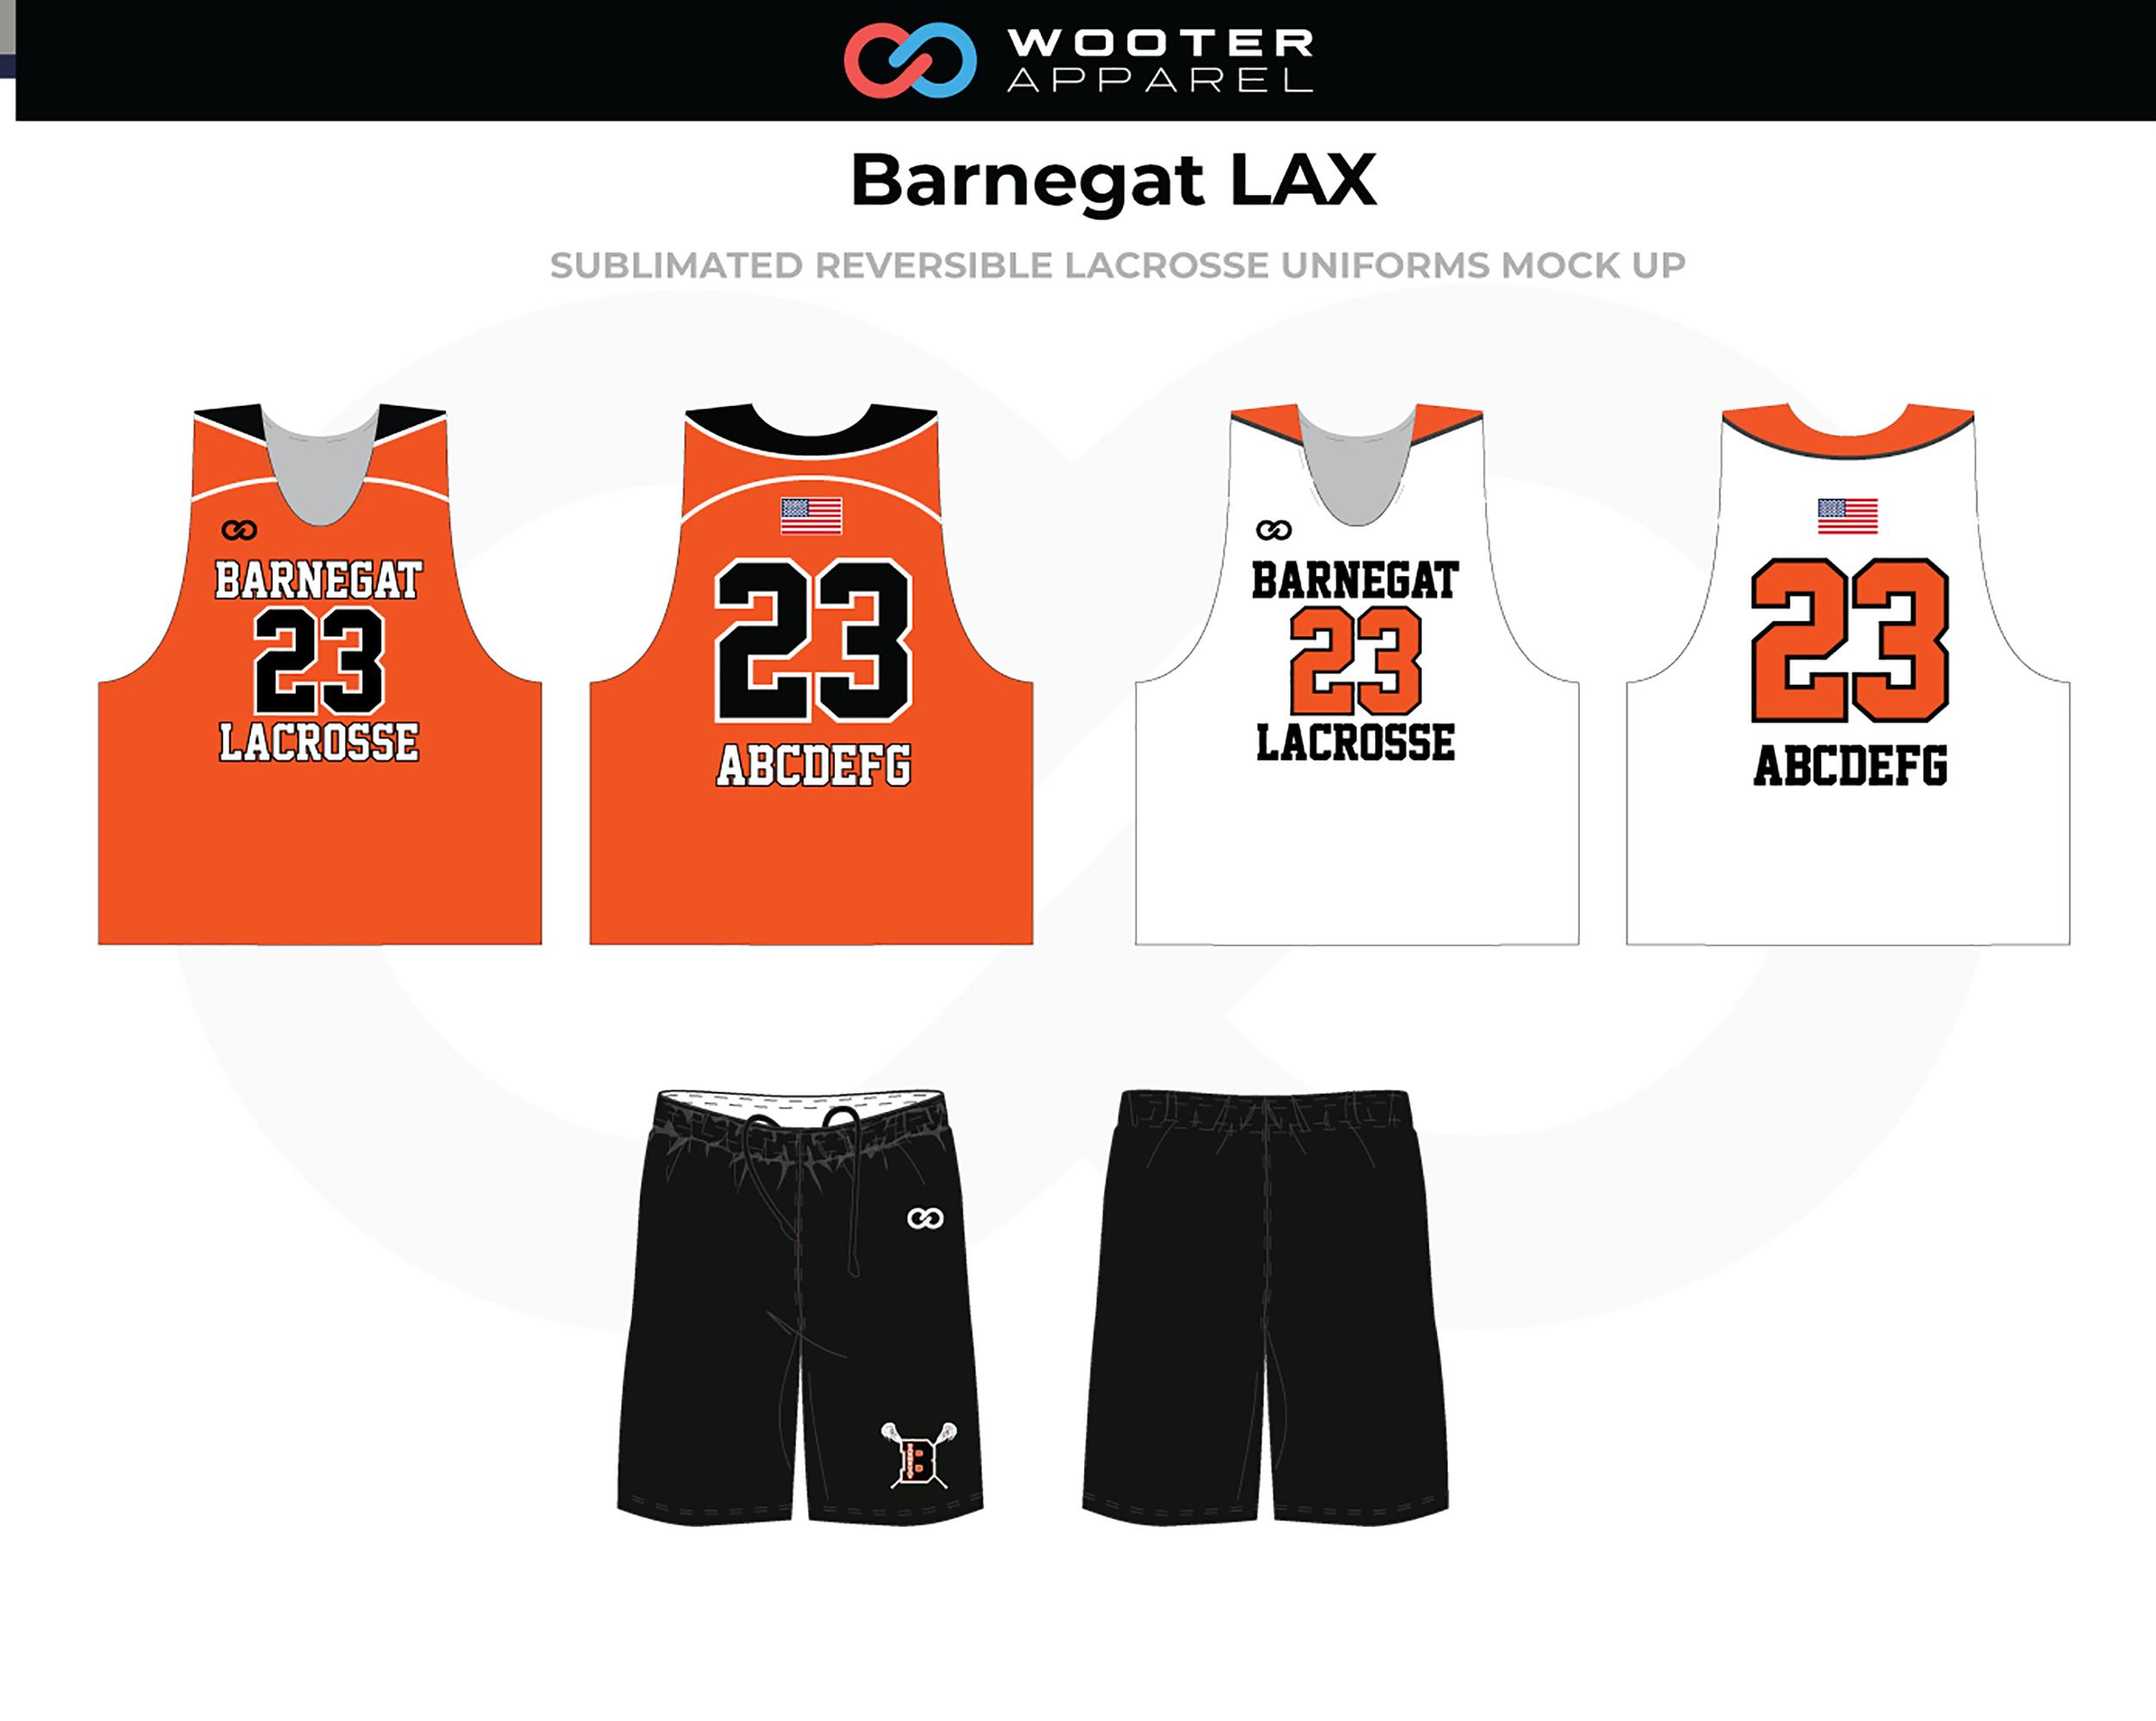 Barnegat-LAX-Reversible-Sublimated-Lacrosse-Male-Uniform.png